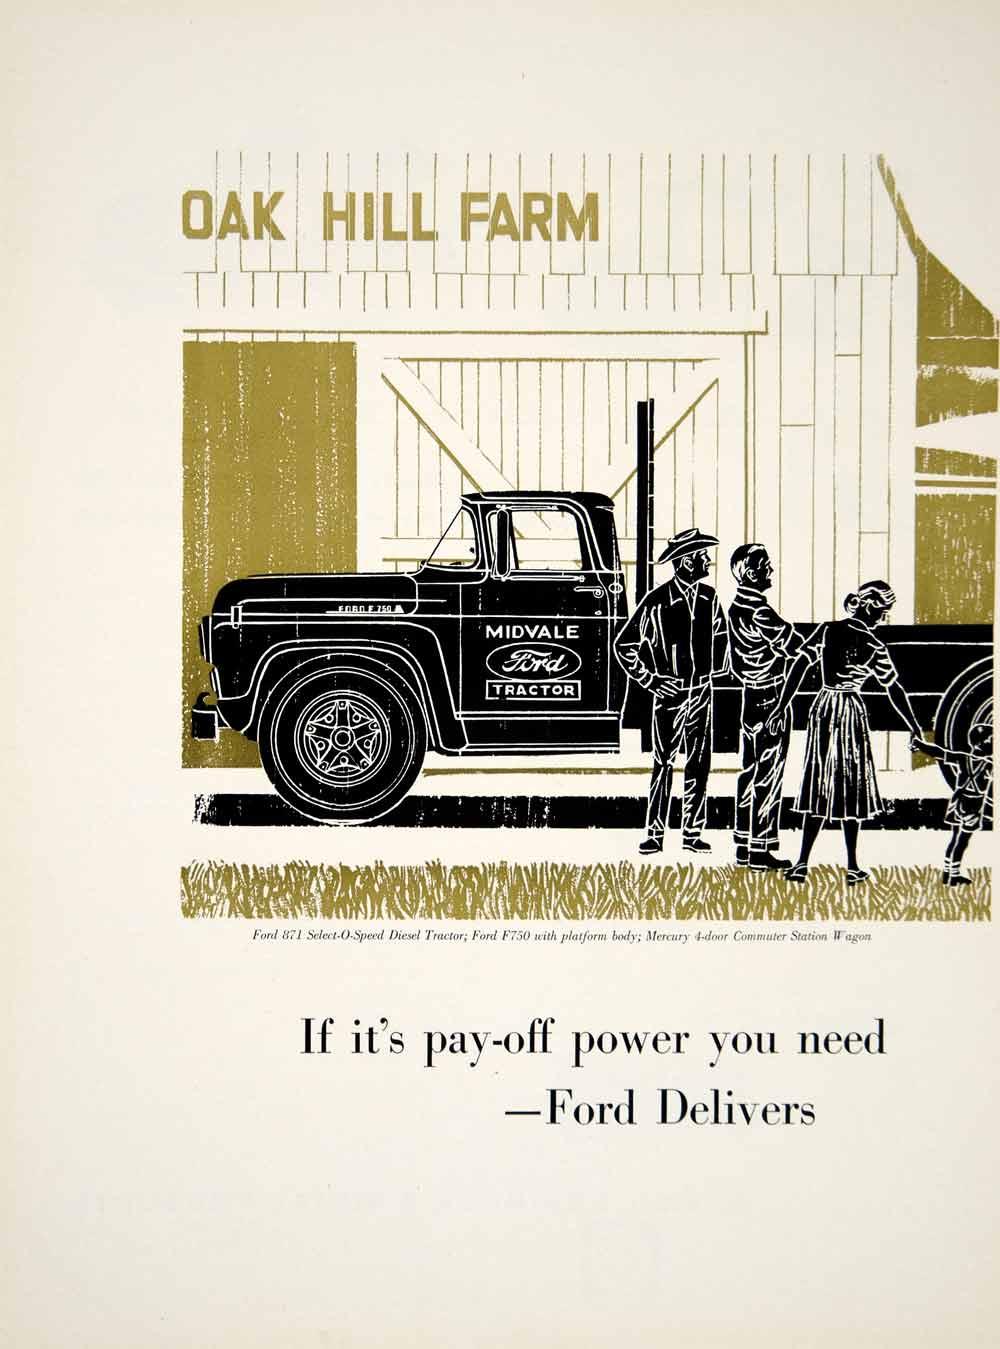 medium resolution of 1960 ad ford tractor midvale truck boys station wagon farmer dearborn yfq1